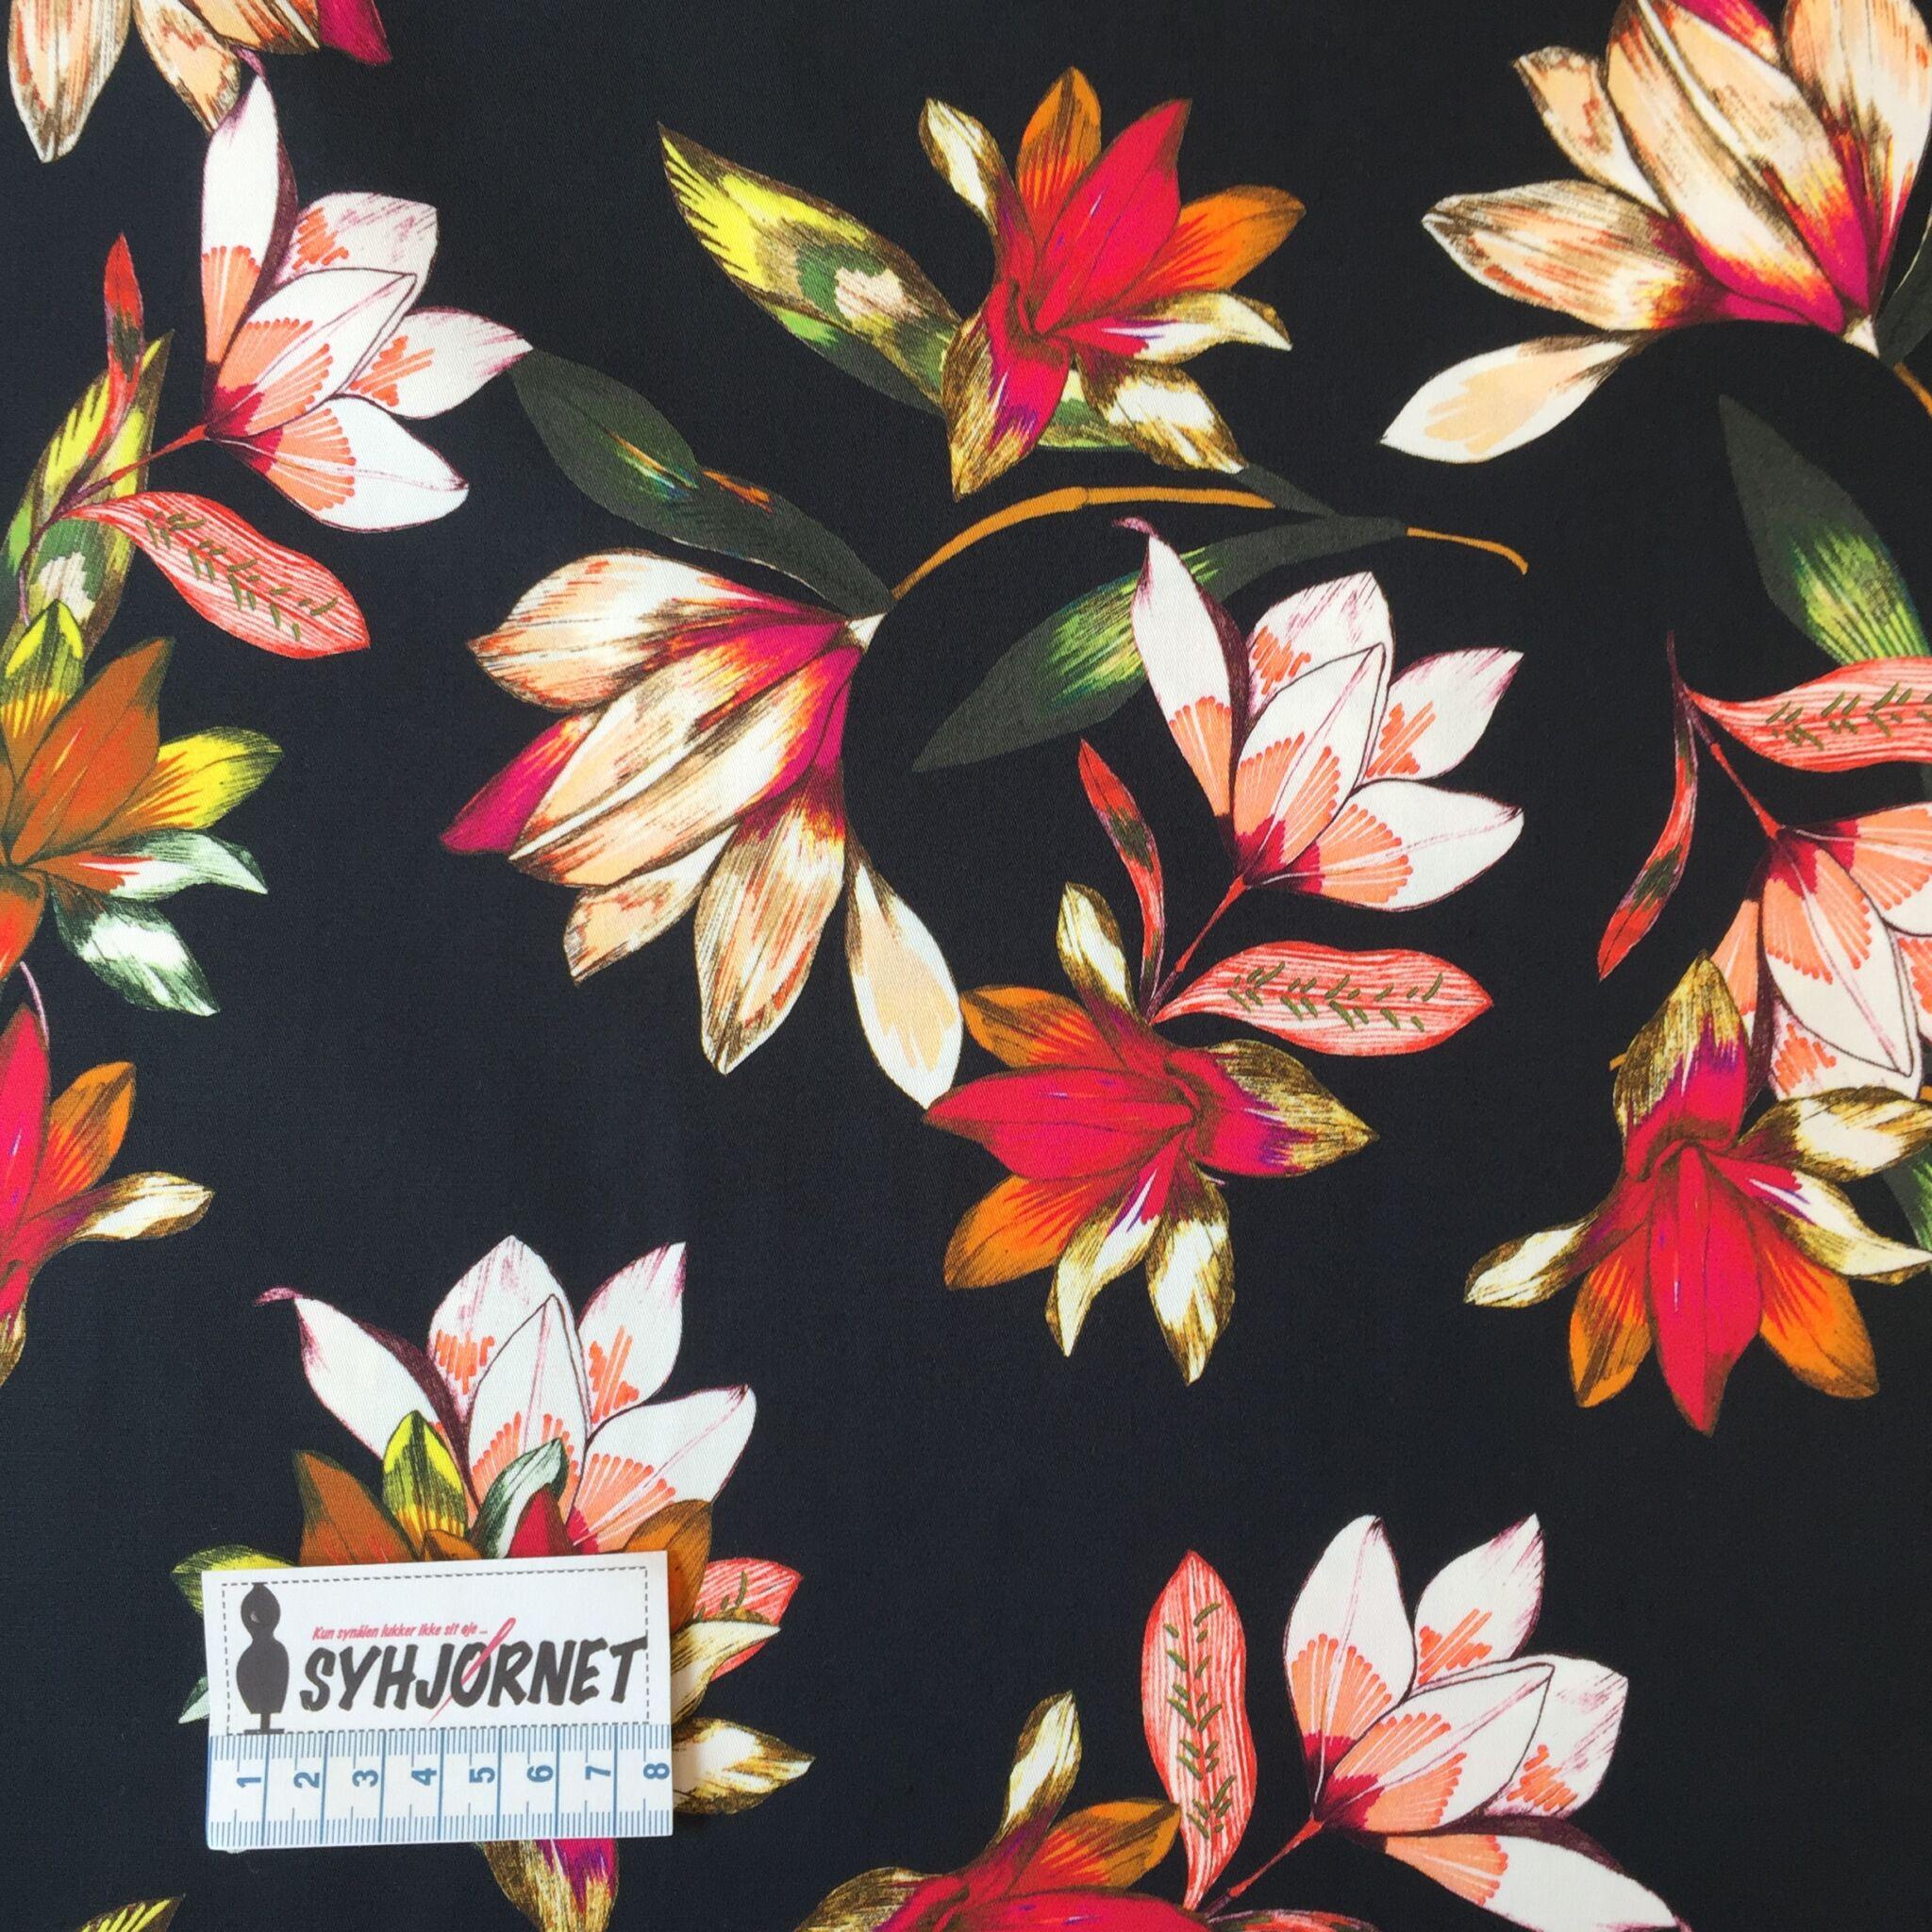 Bomuld med lidt lycra, sort bund med farverige blomster